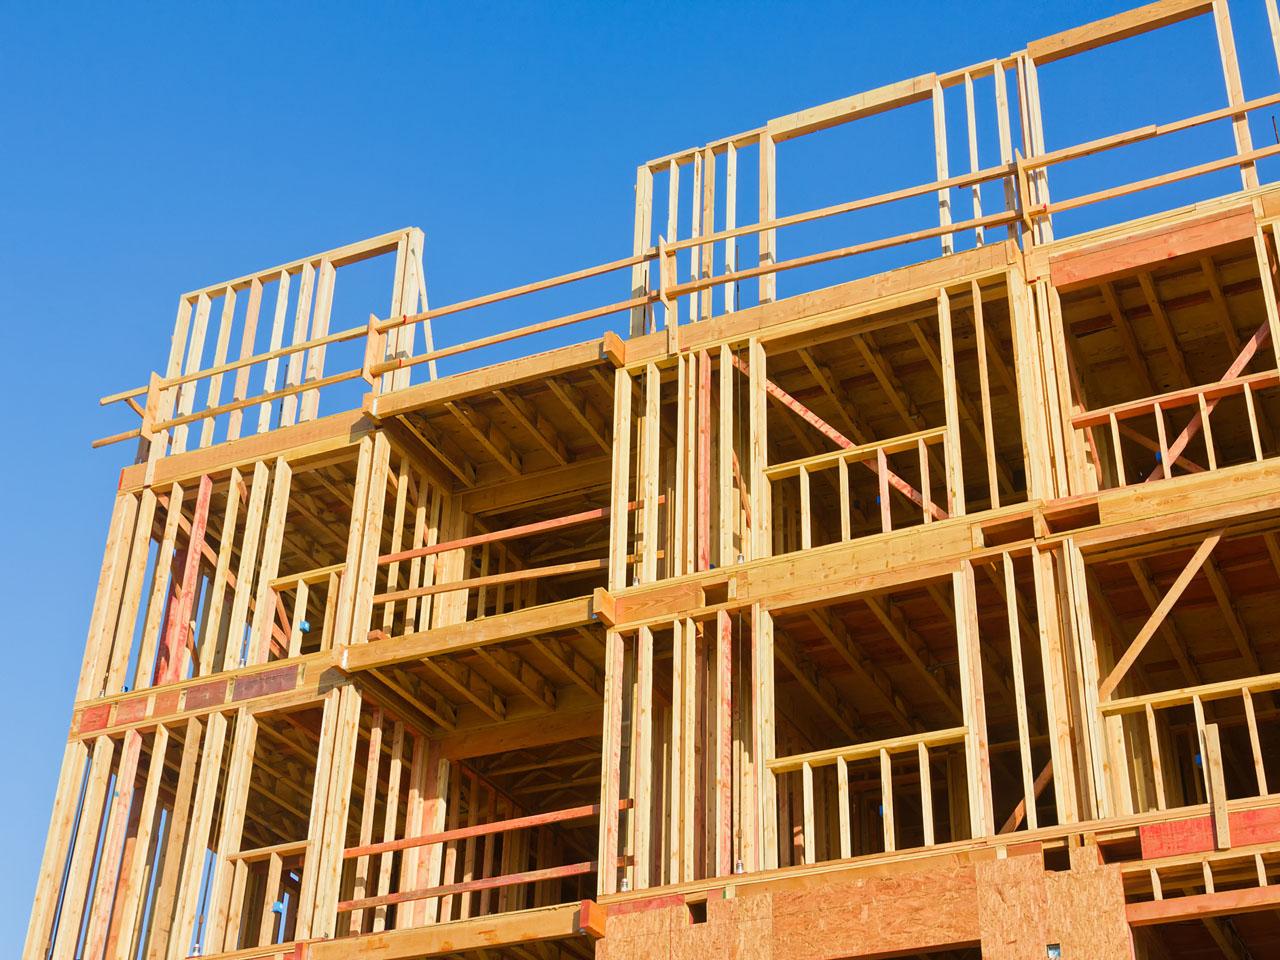 Des immeubles en bois de plus de 10 étages